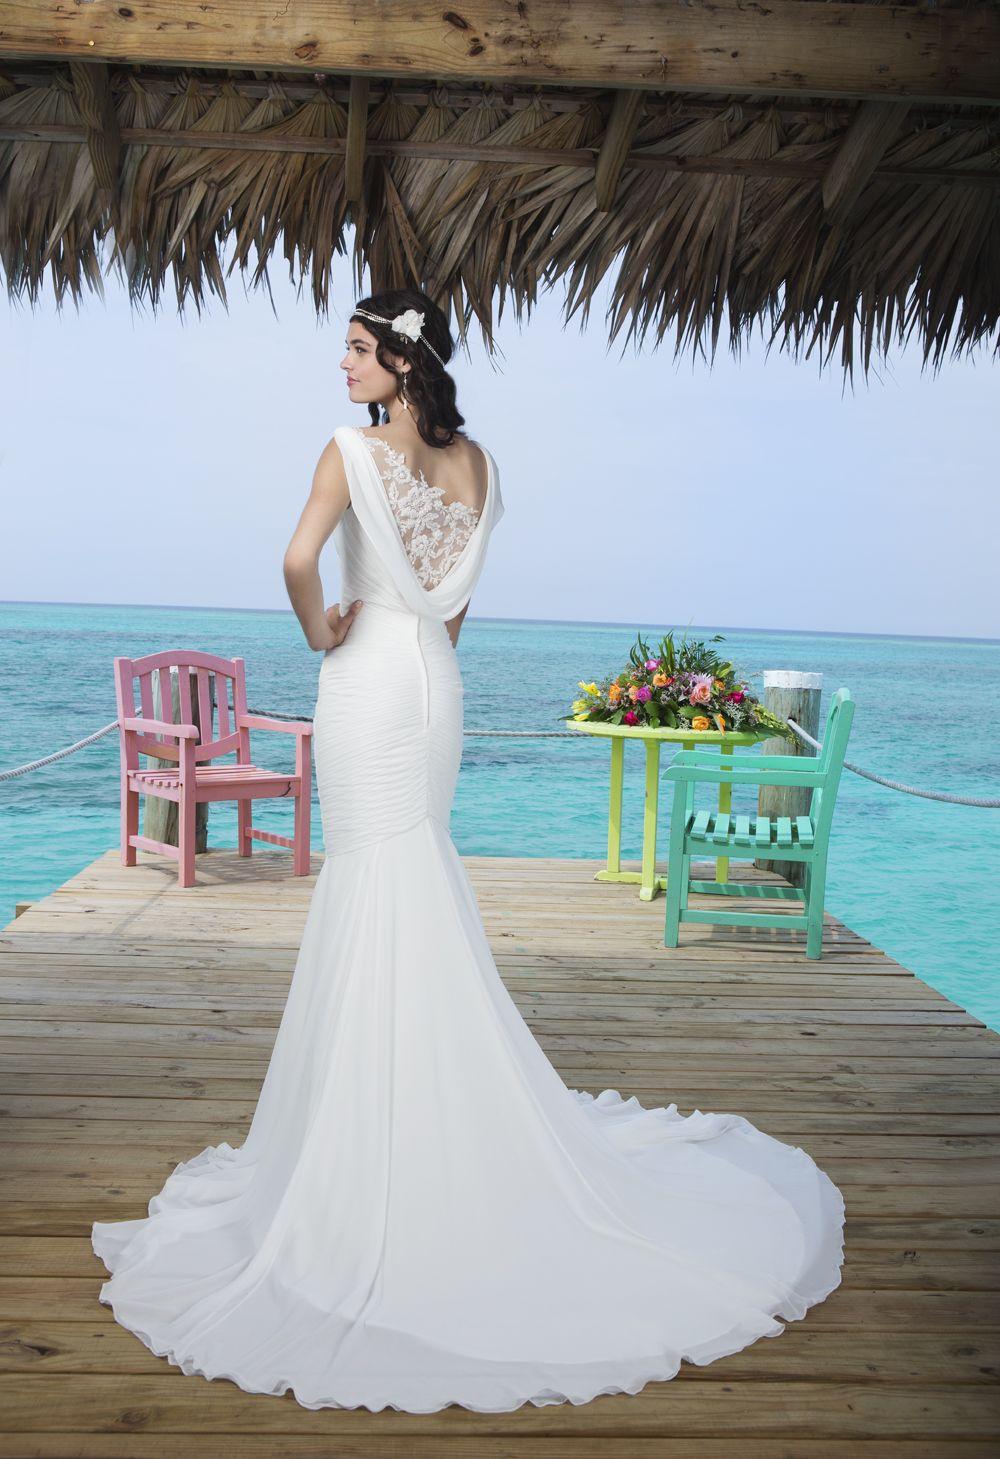 Sincerity 3772 from Bridal Shop Romford 01708 743999 www.bridalshopltd.co.uk